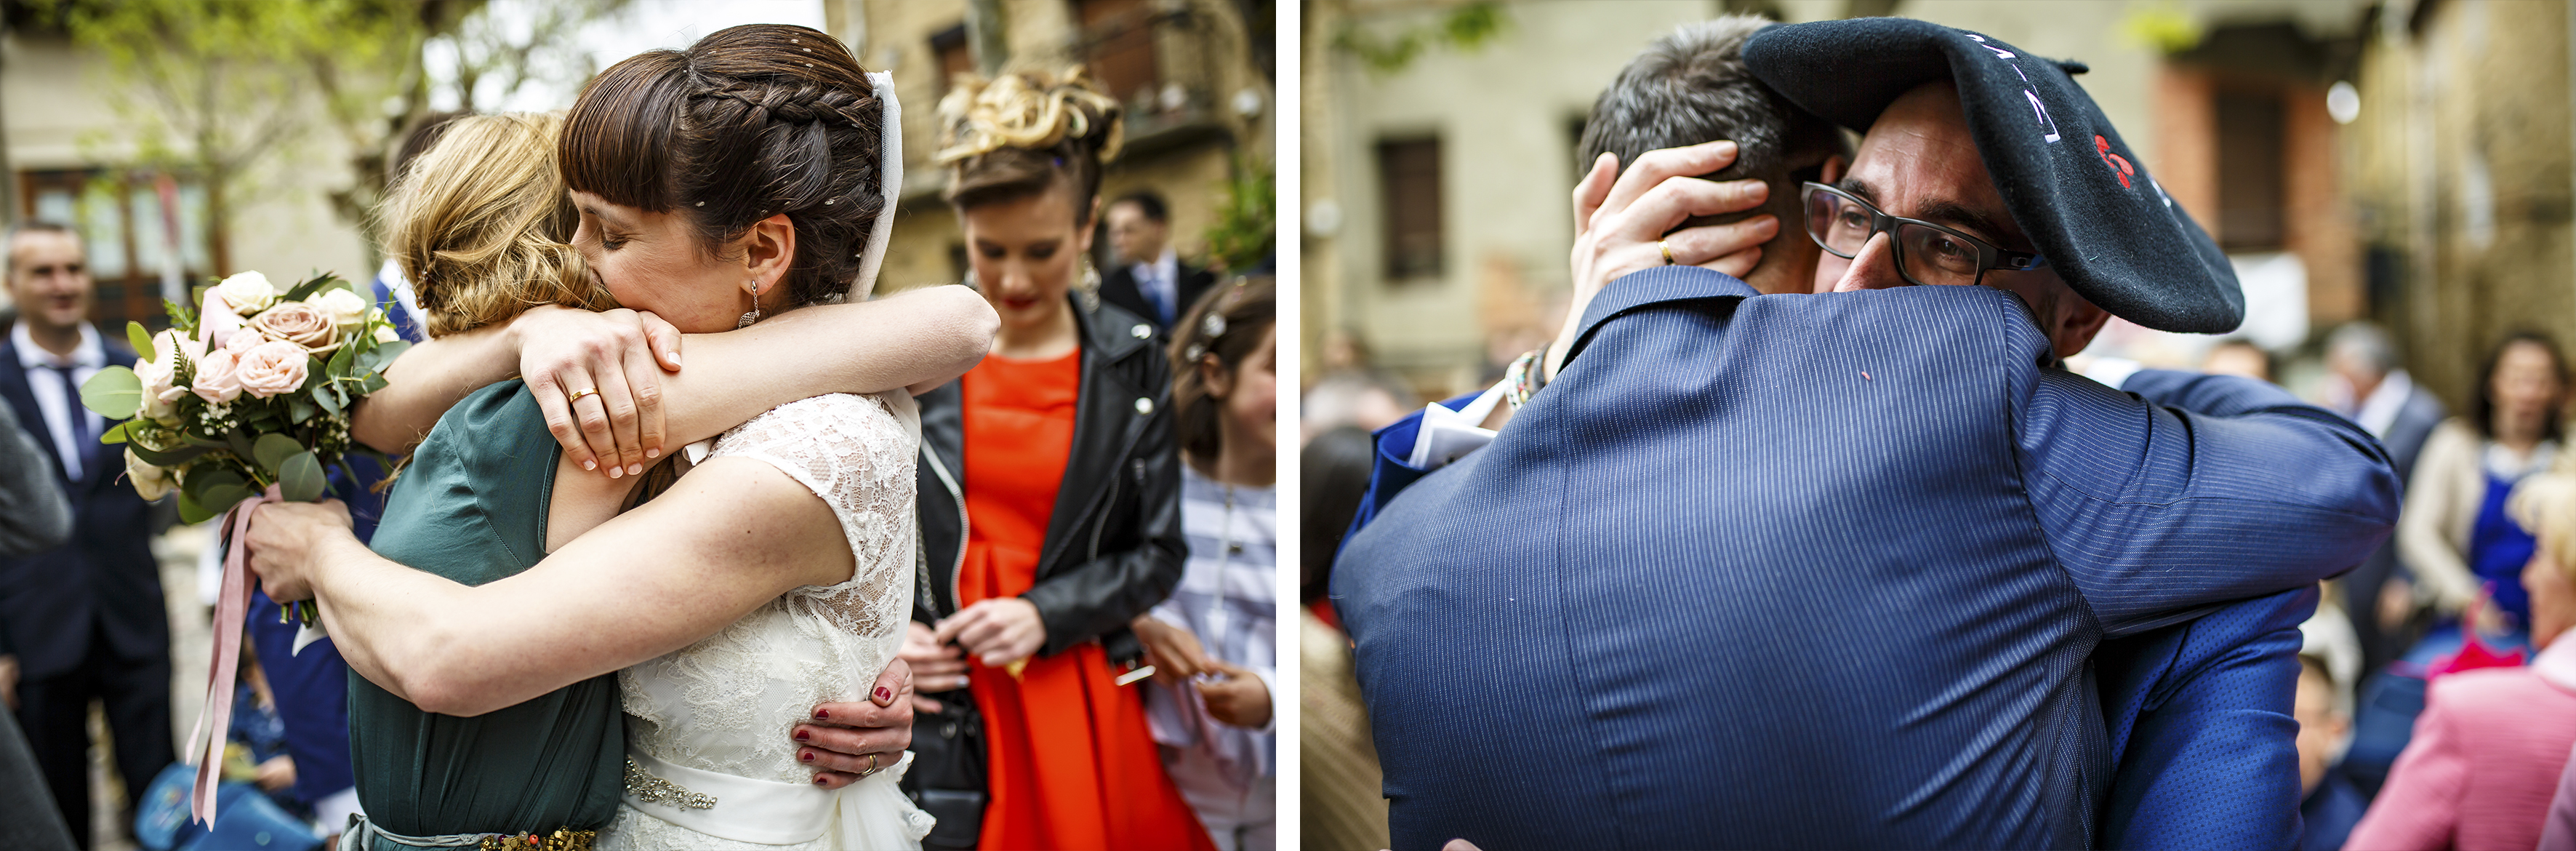 los novios abrazan a familiares a la salida de la iglesia en una boda en laguardia